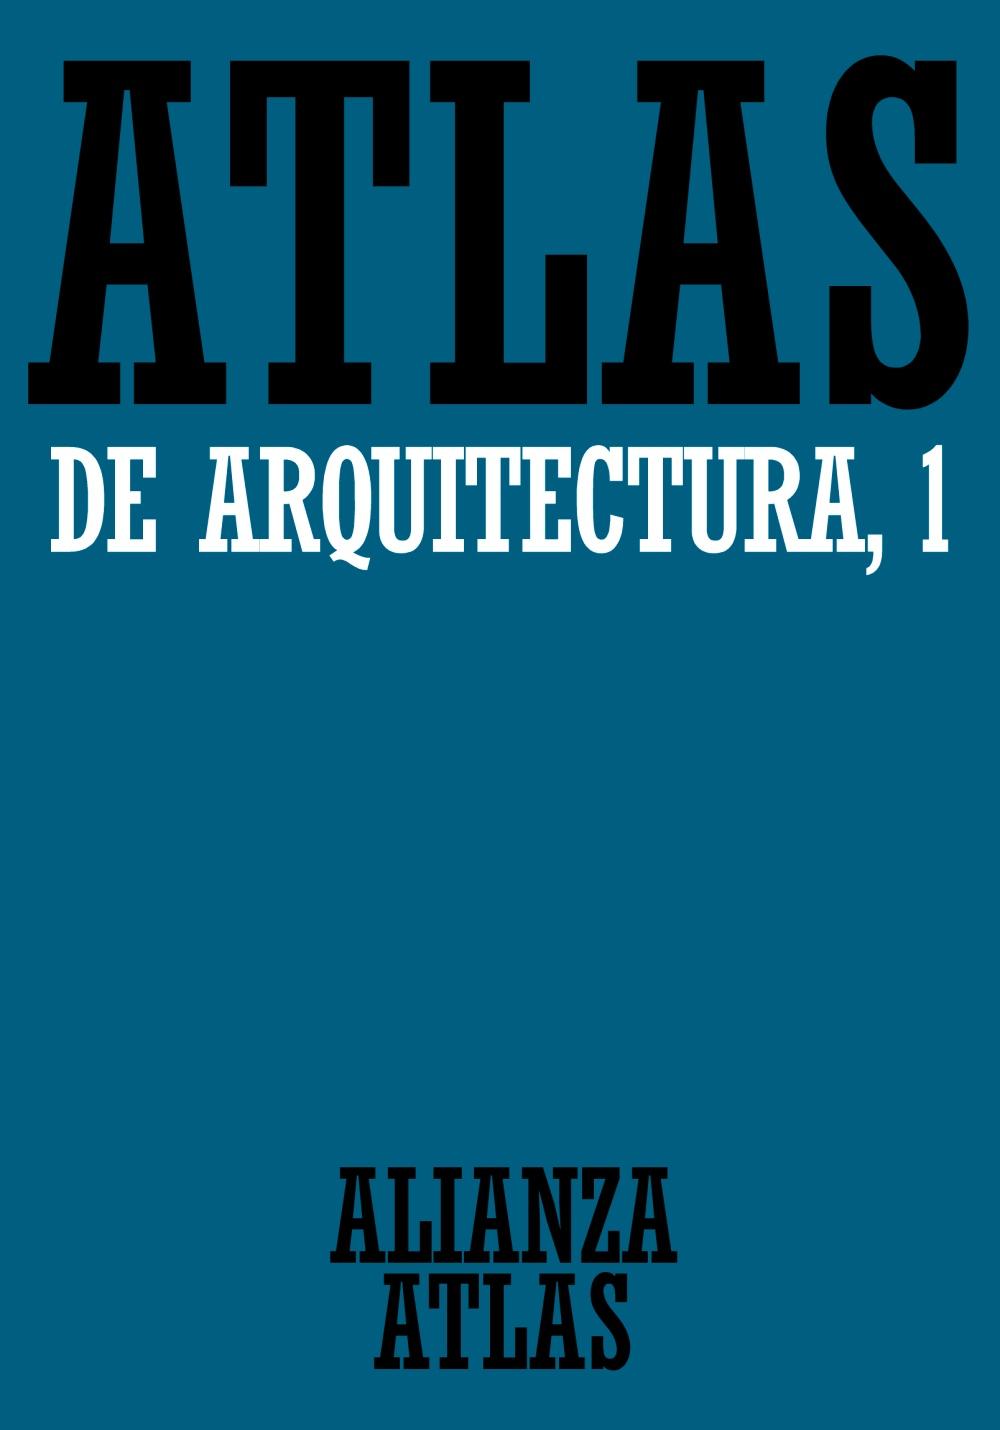 atlas de arquitectura 1: generalidades. de mesopotamia a bizancio-werner mueller-gunther vogel-9788420662046